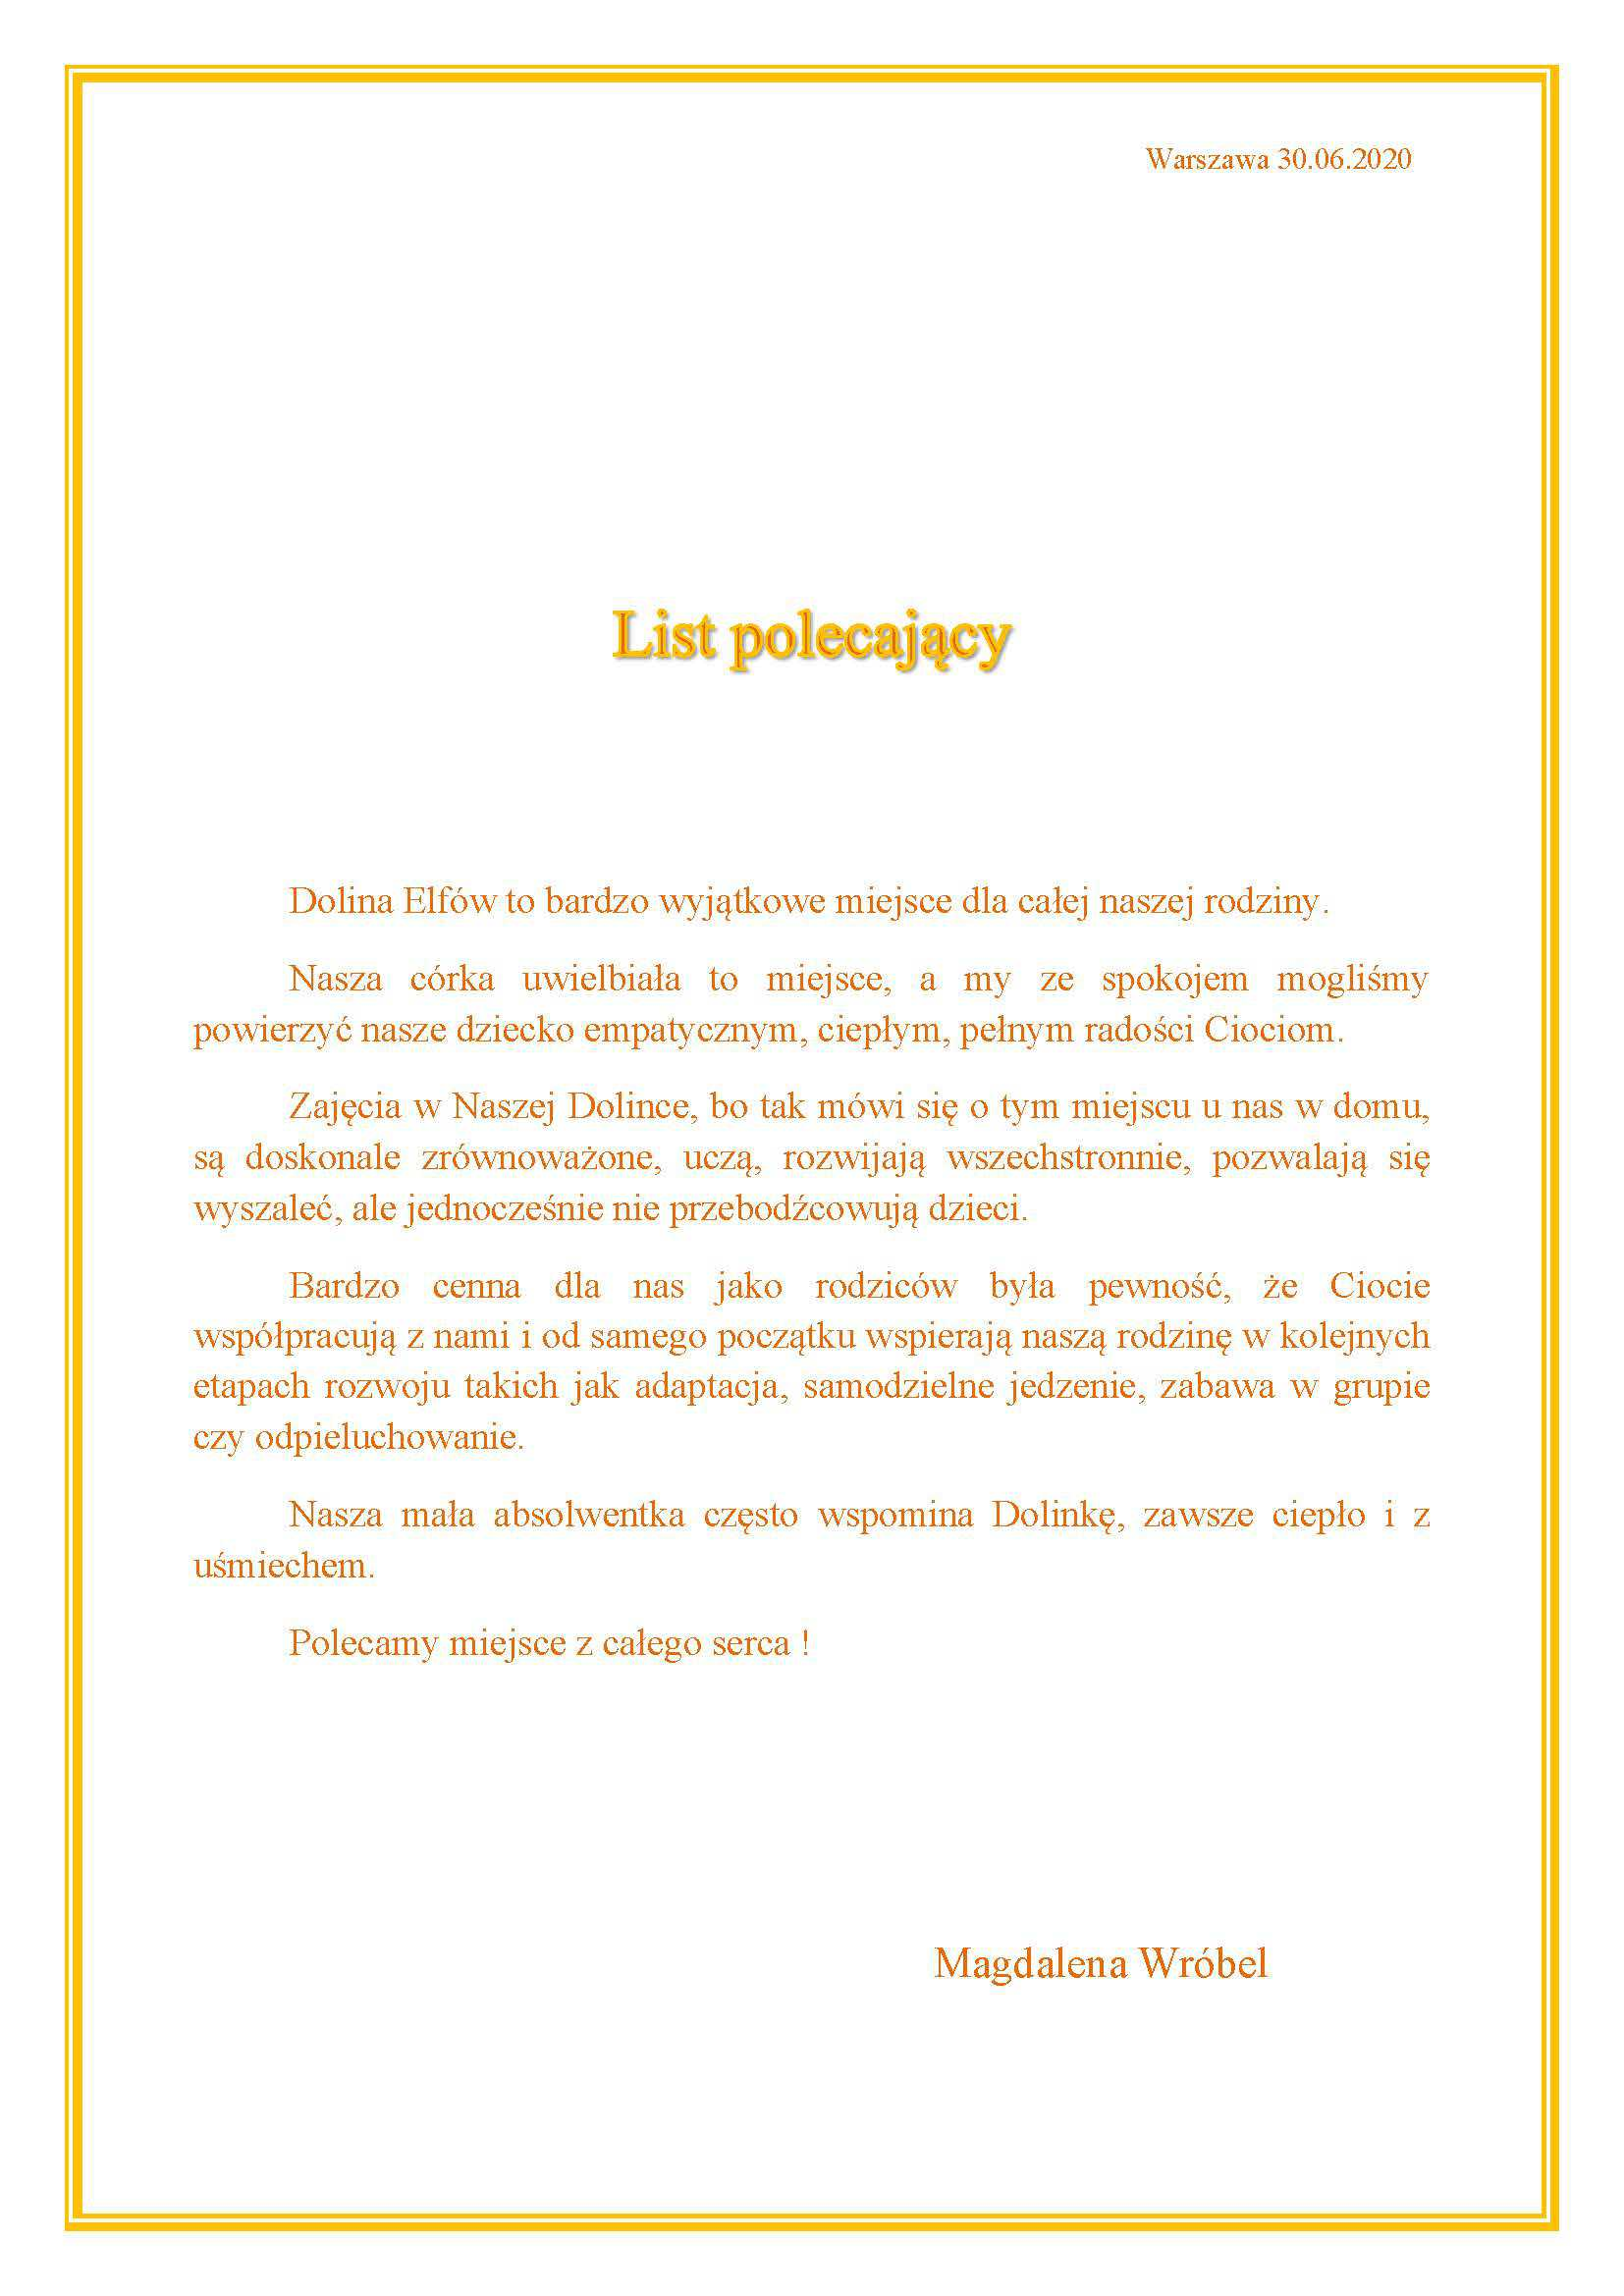 List polecający_HWróbel